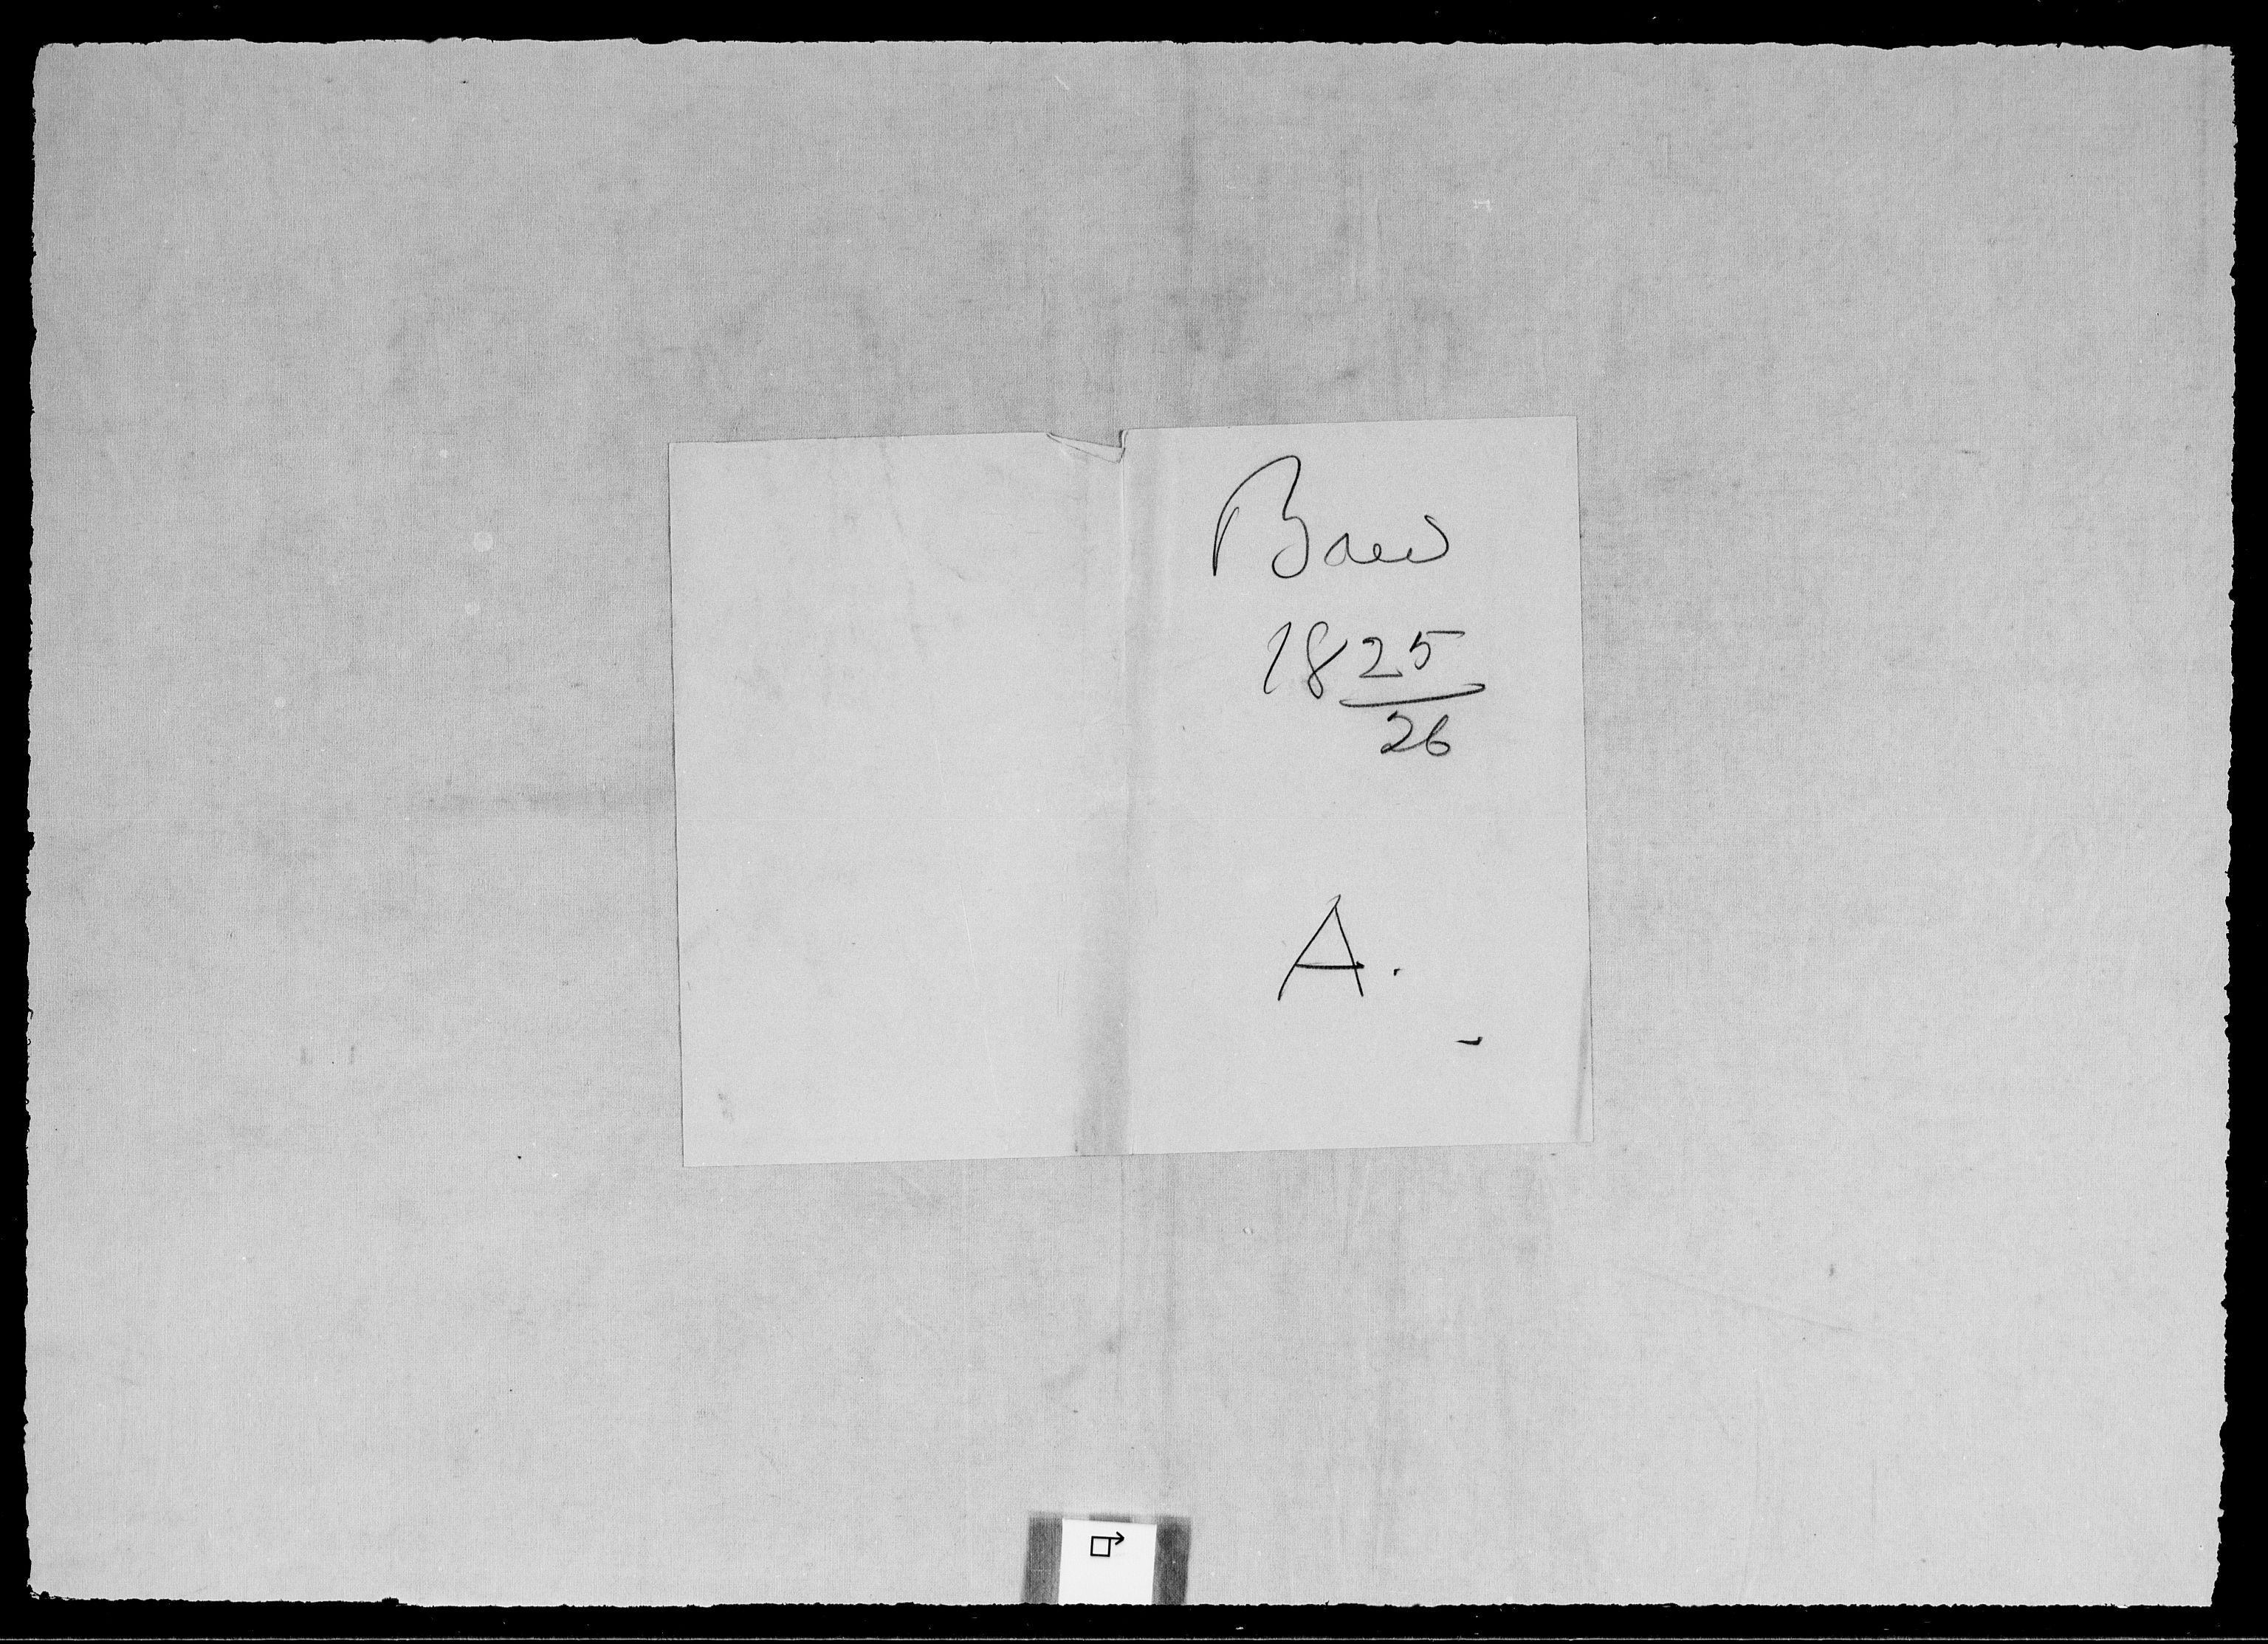 RA, Modums Blaafarveværk, G/Gb/L0095, 1825-1826, s. 2